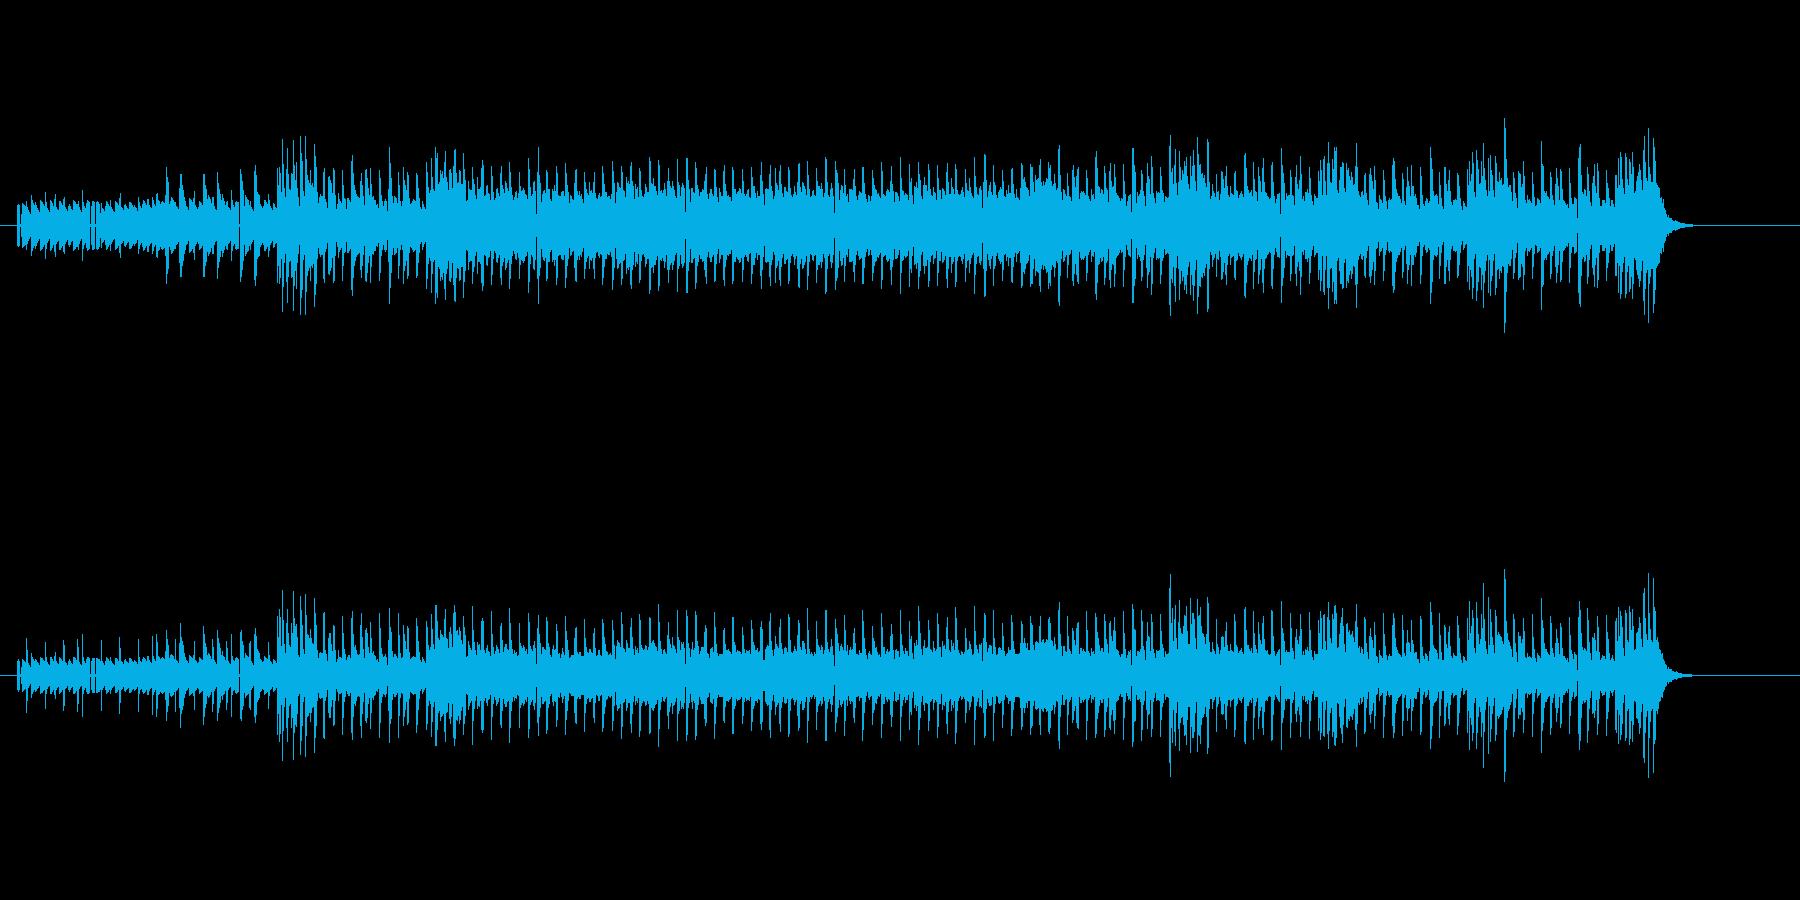 ドラマ主題歌風の曲の再生済みの波形